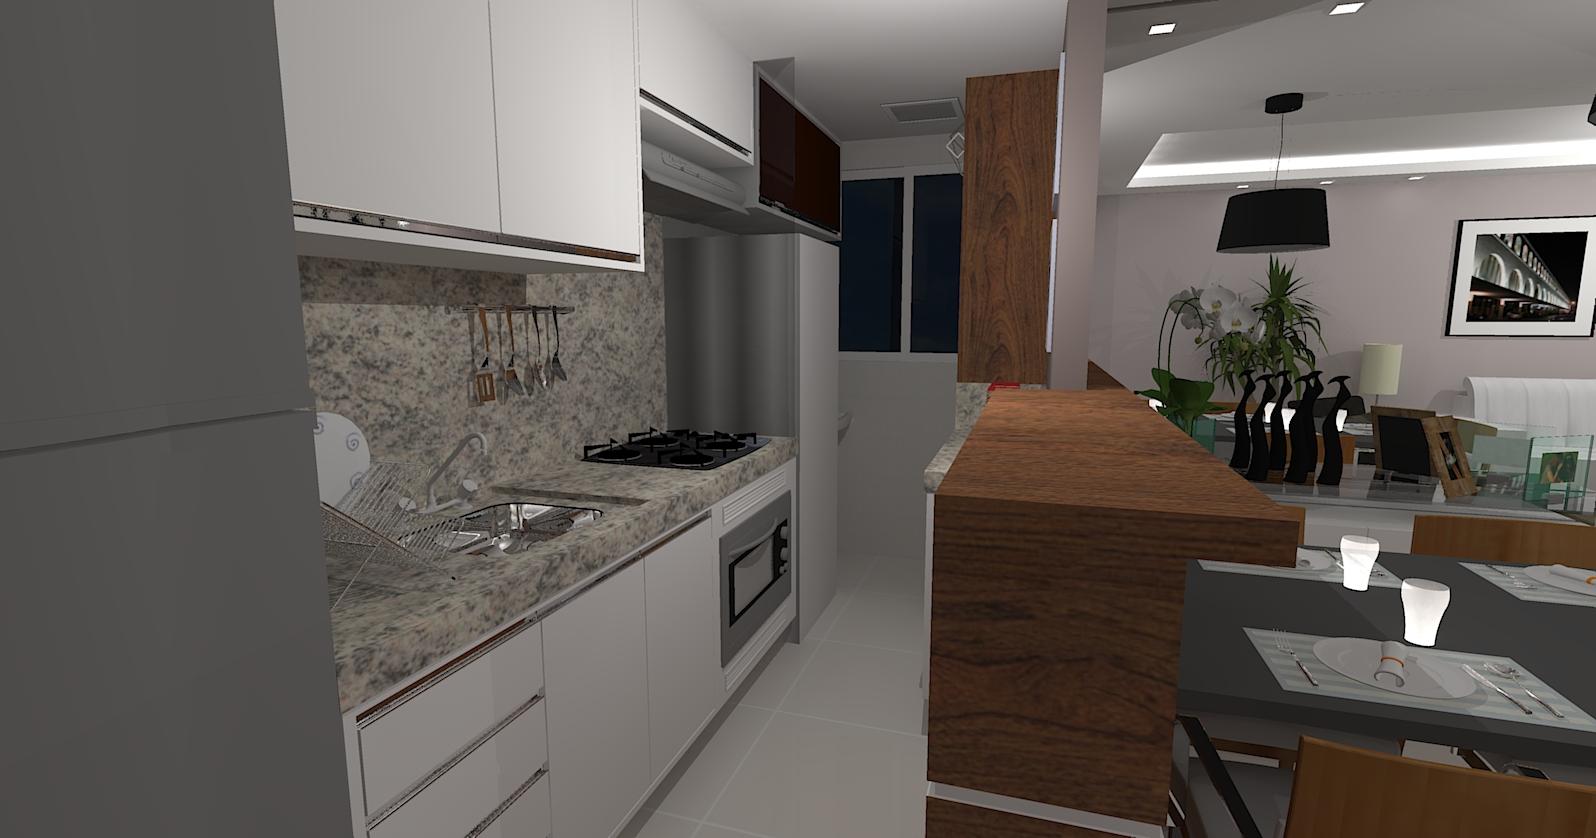 Arquitetas Associadas: Cozinha sala de Jantar e Sala de Tv integradas #5D493B 1596 838